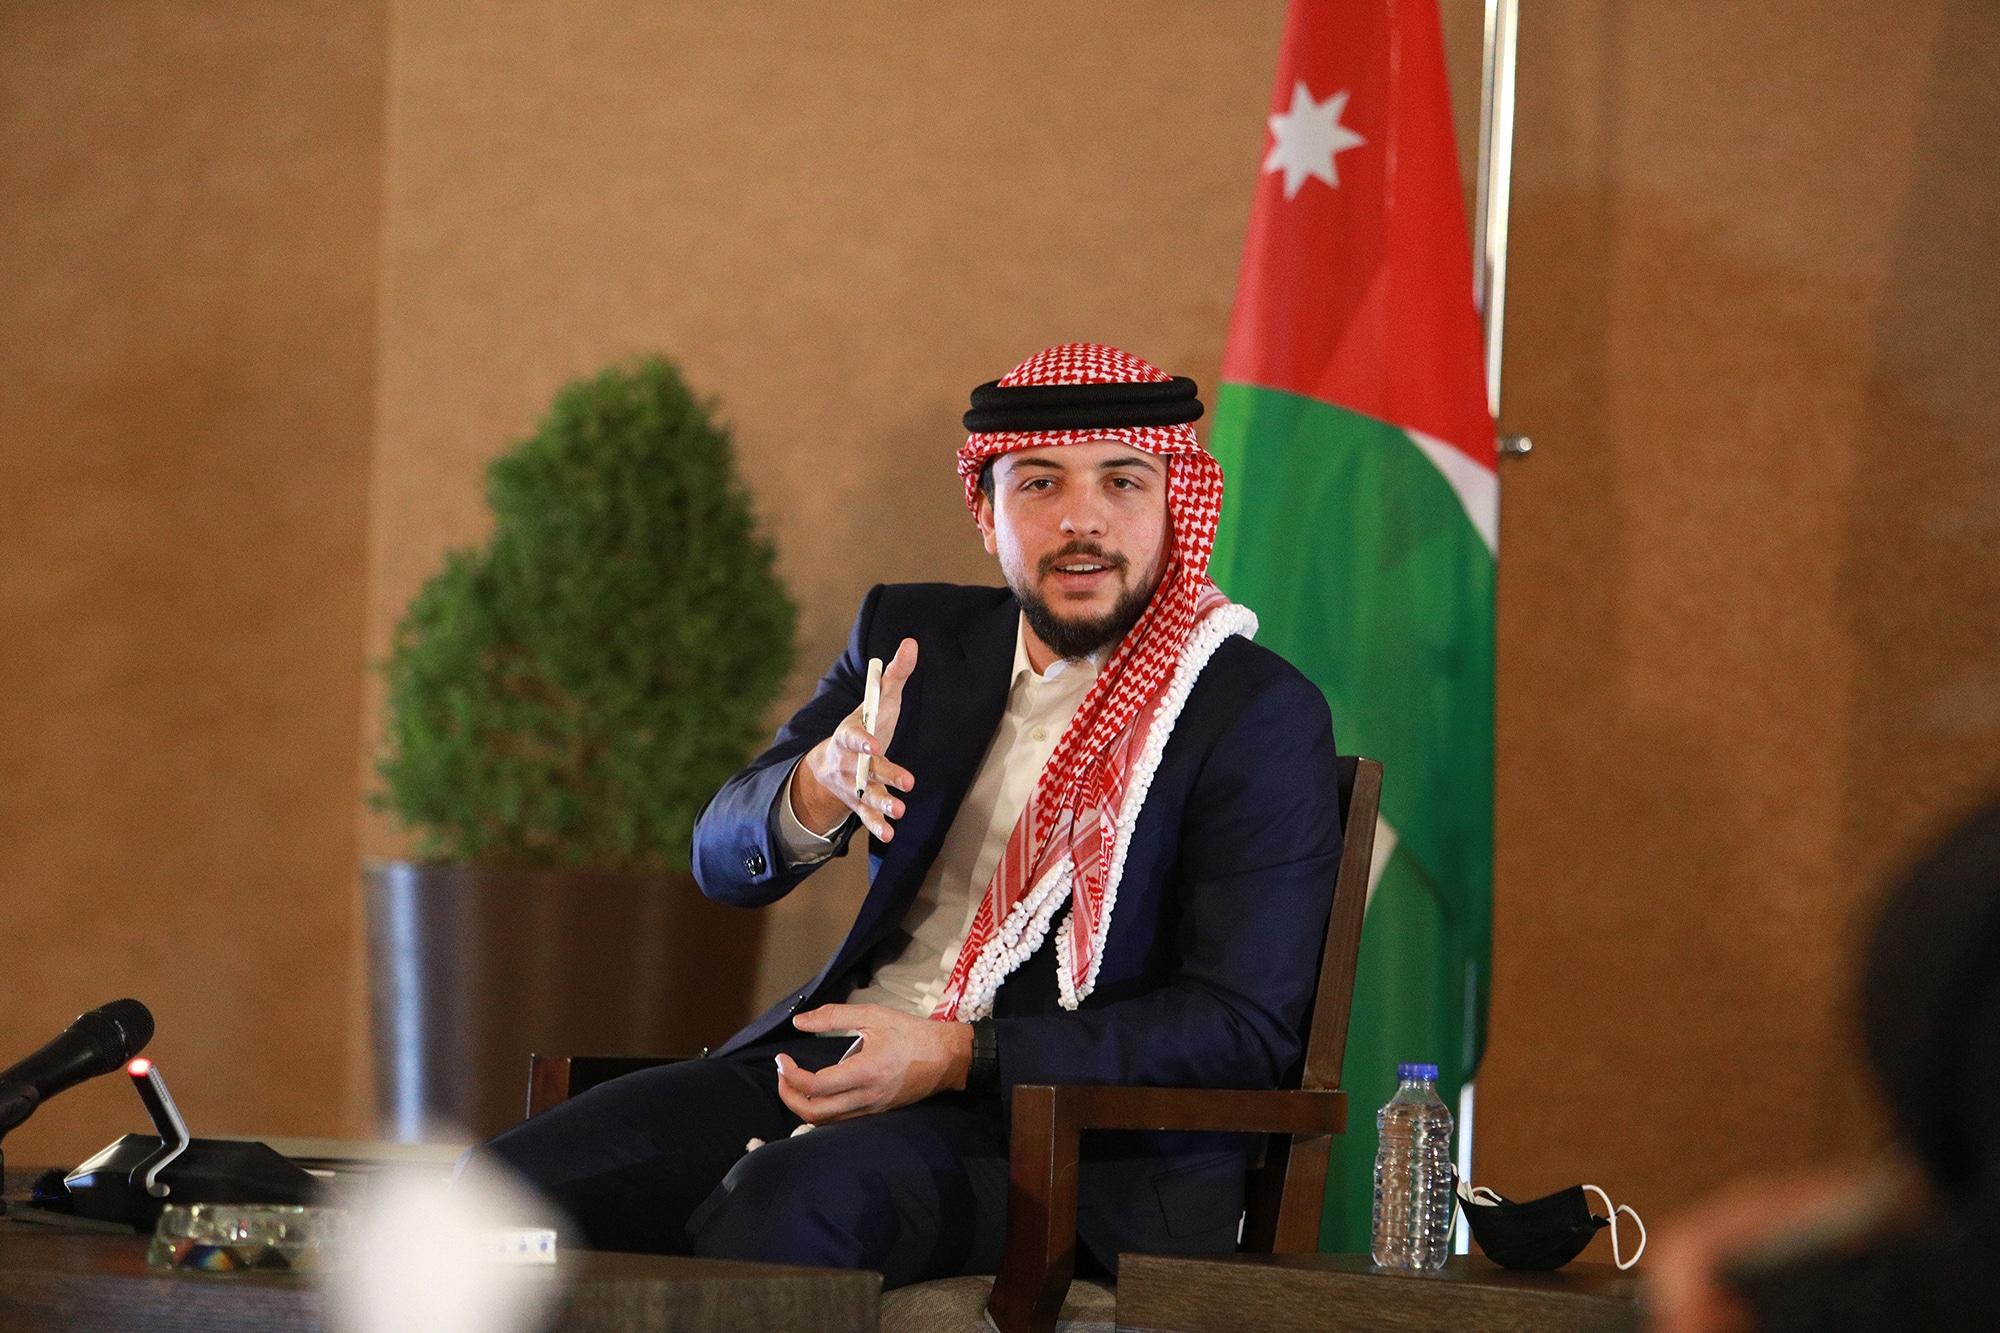 عيد ميلاد ولي العهد يشعل الأردن وهذا ما قاله الأردنيون للأمير الحسين بن عبد الله الثاني